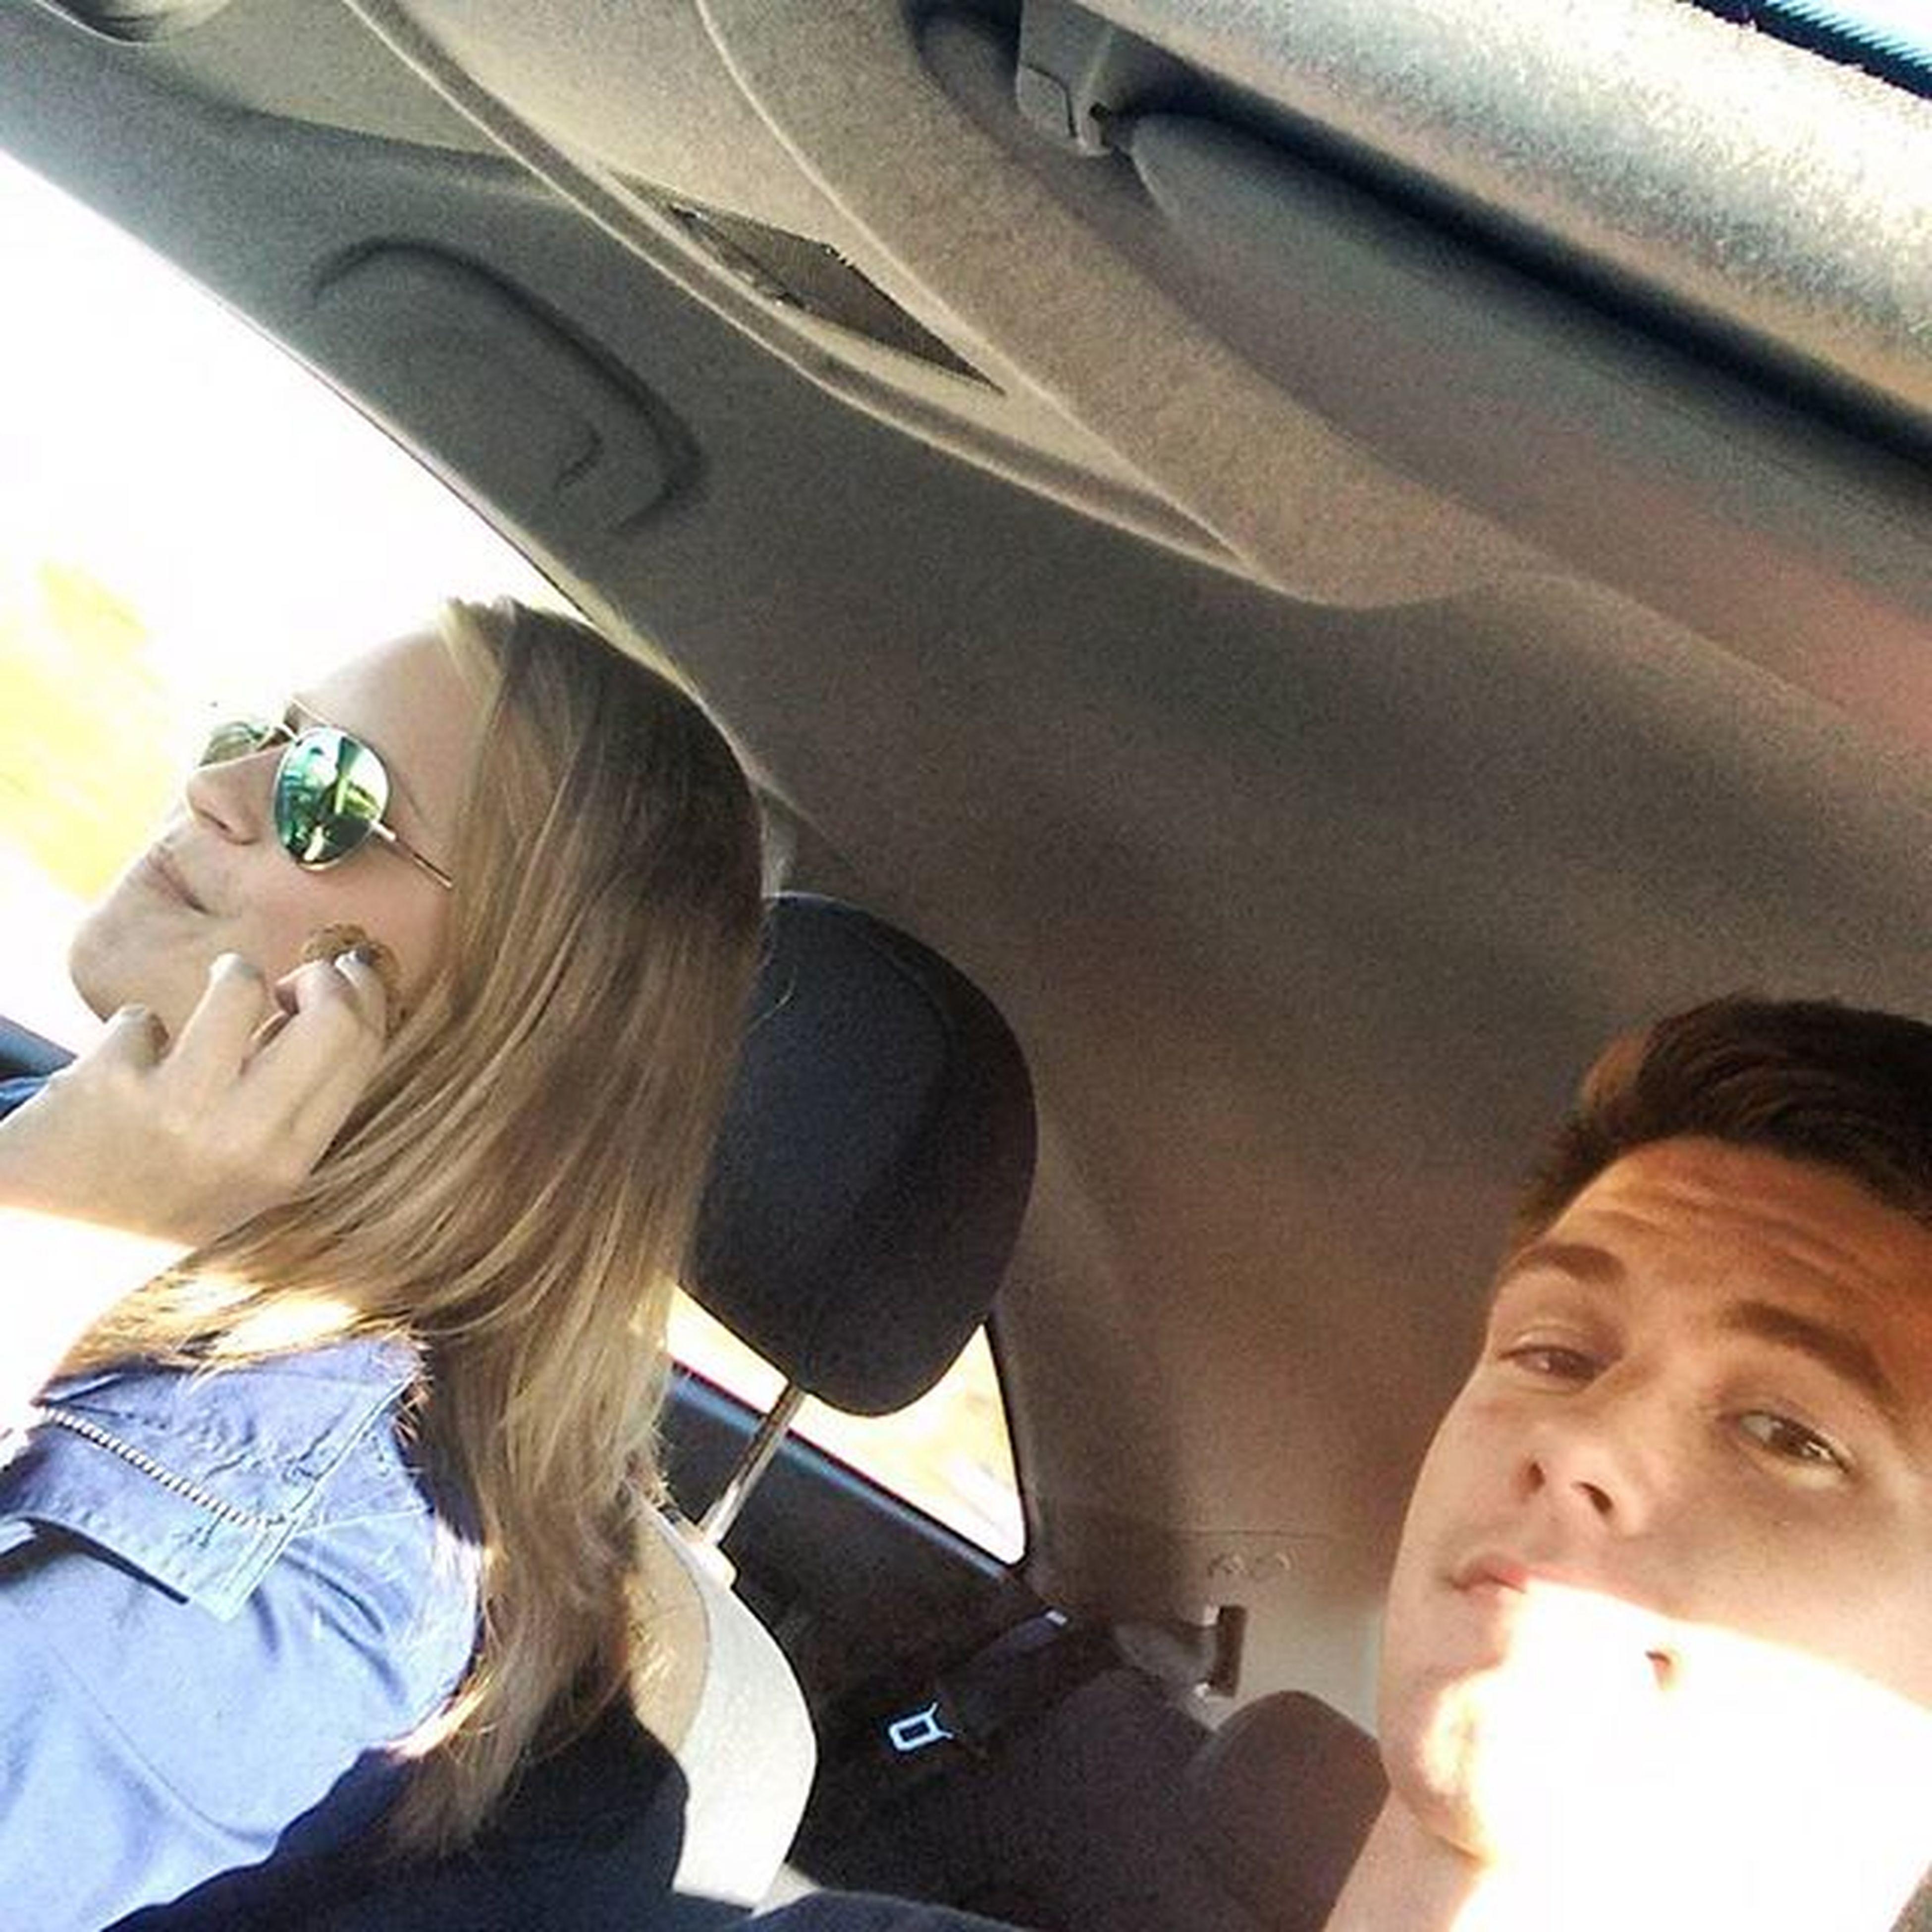 Roadtrip B17 Beste17 Katrin Bestetrin Love Sweet Couple Instalove Cookie Graben Kleineitingen WOW Ausfahrtensindwasfürpussies Bobblisnepussy